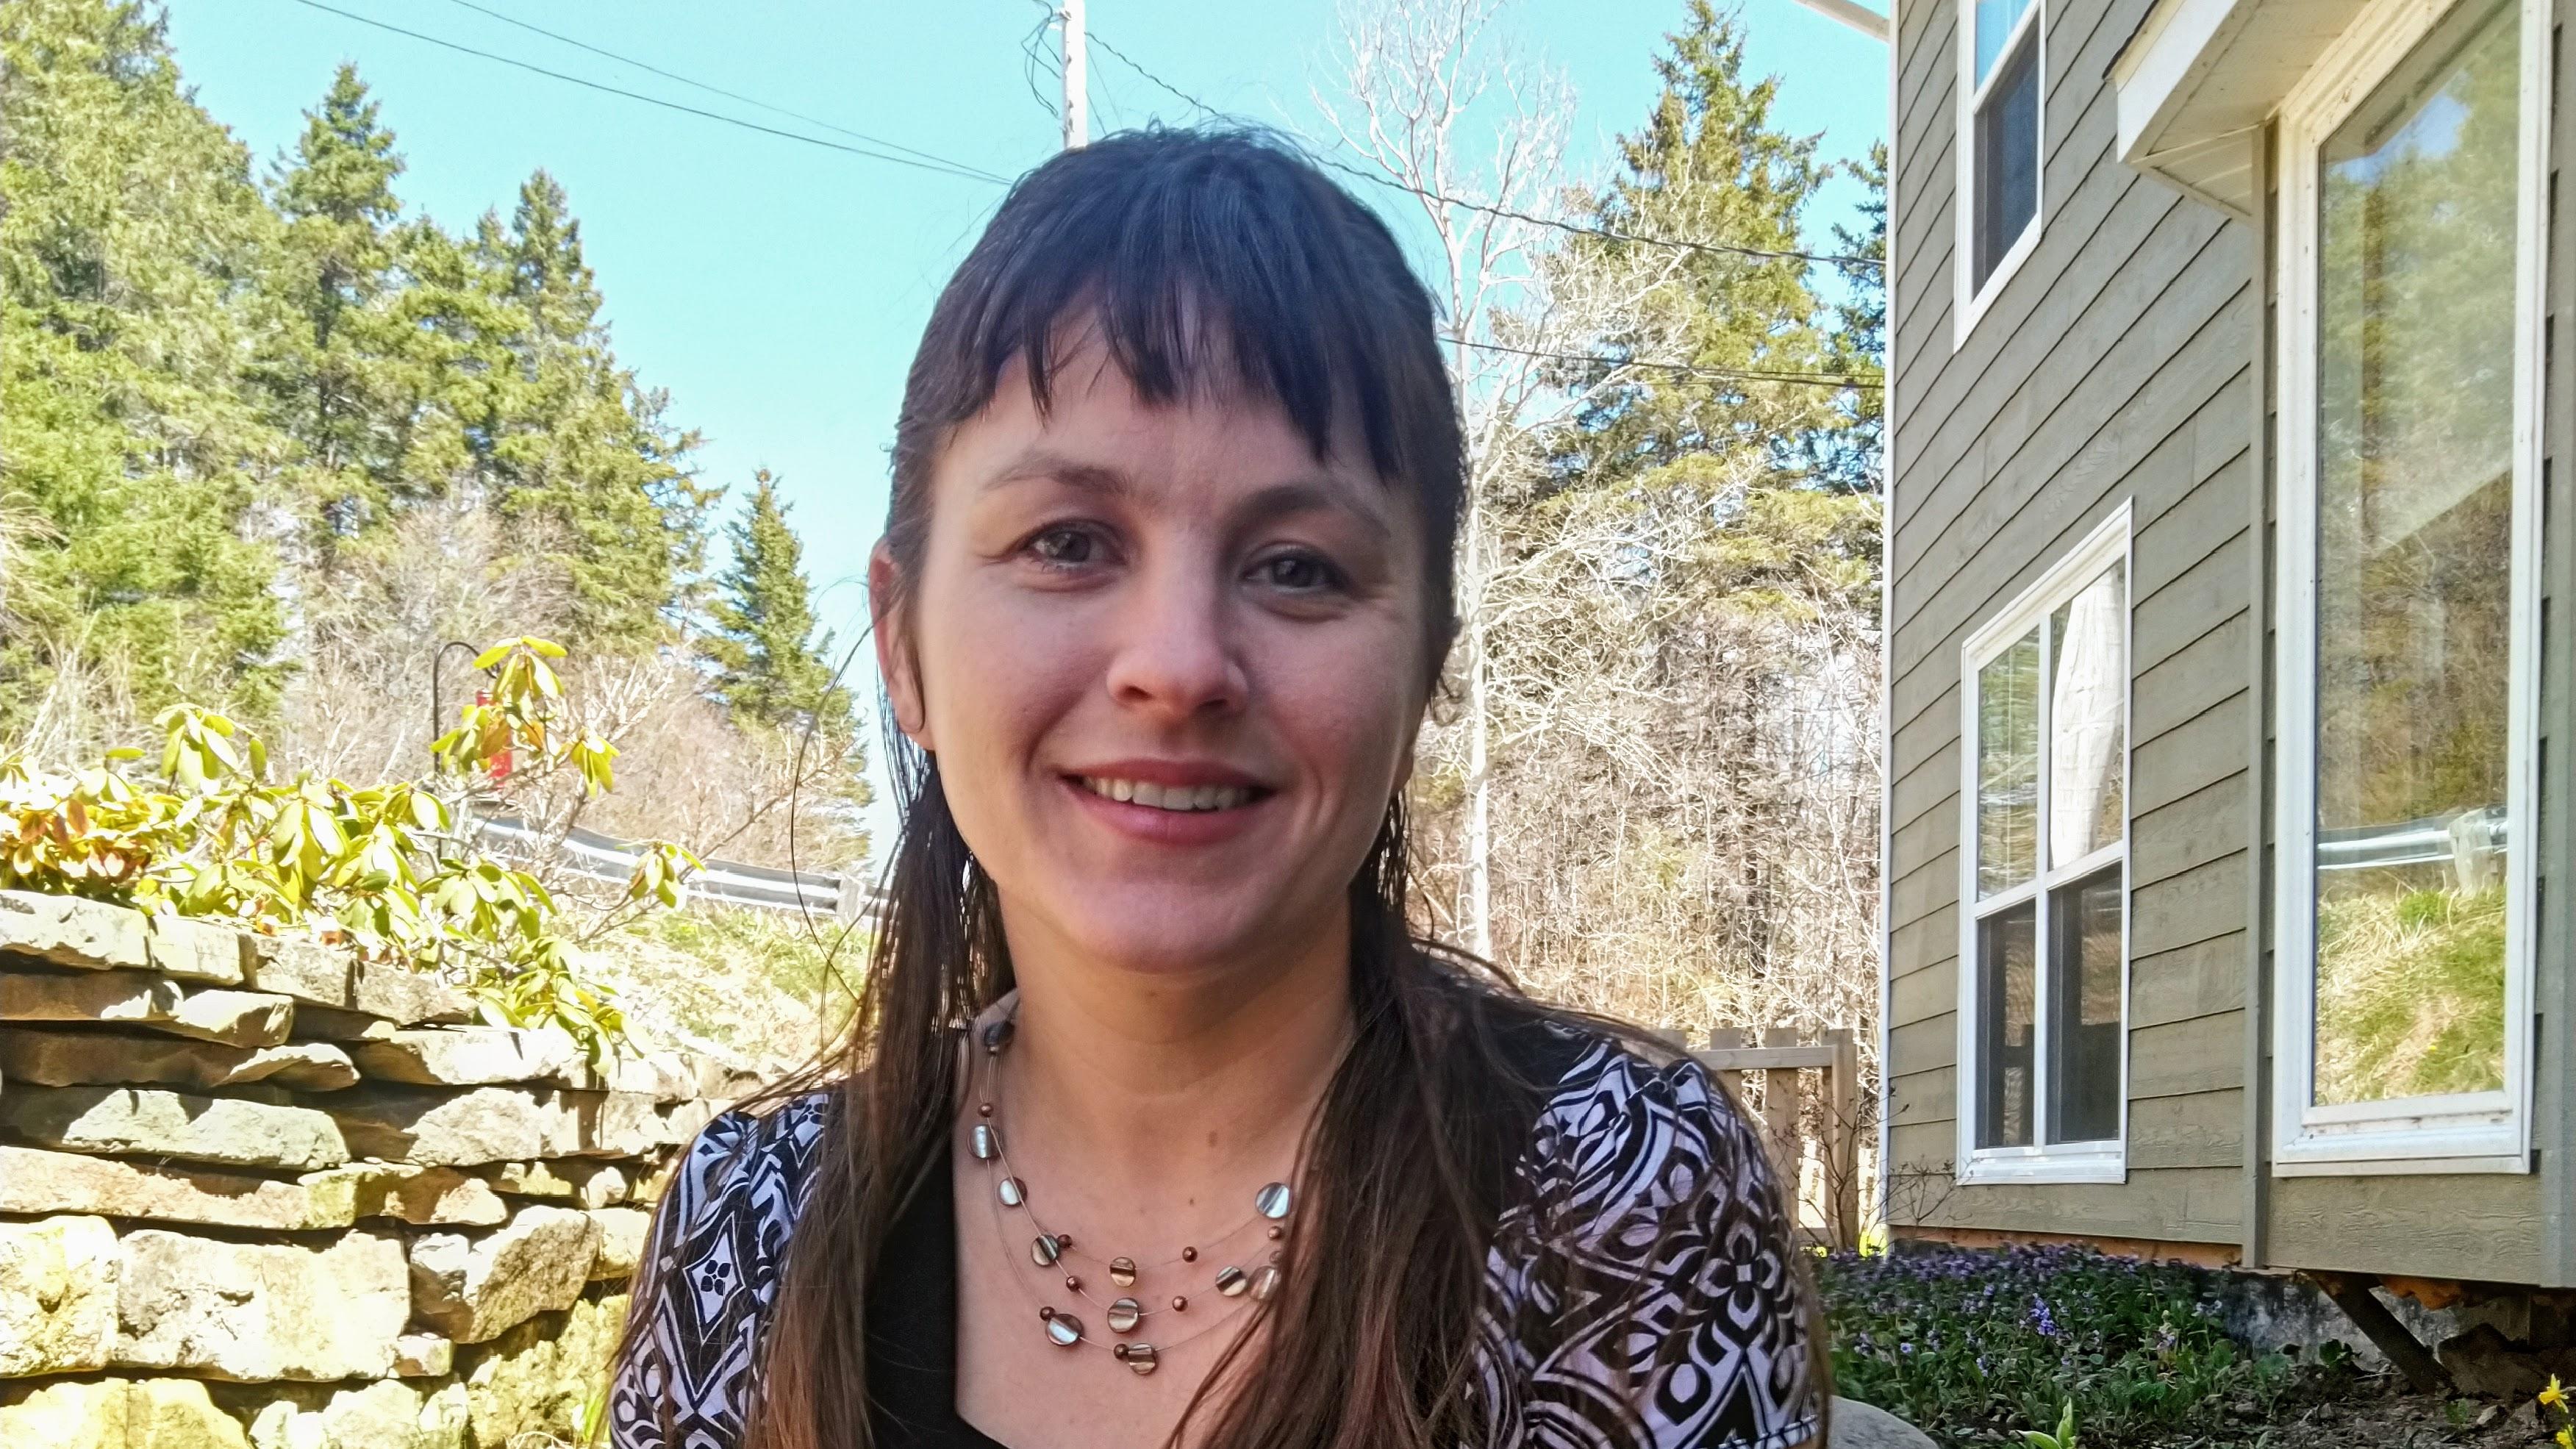 Laura Estill